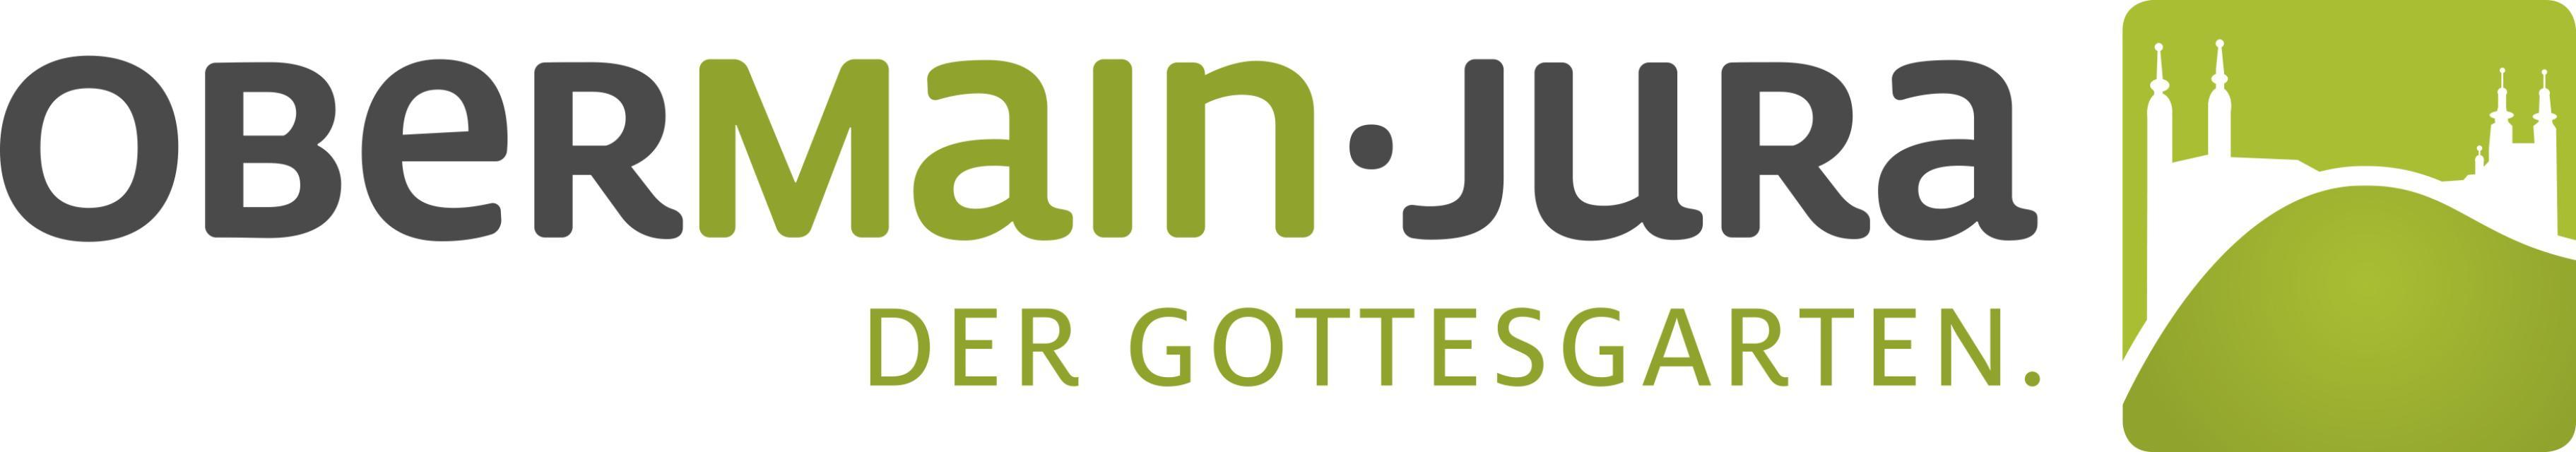 Obermain-Jura